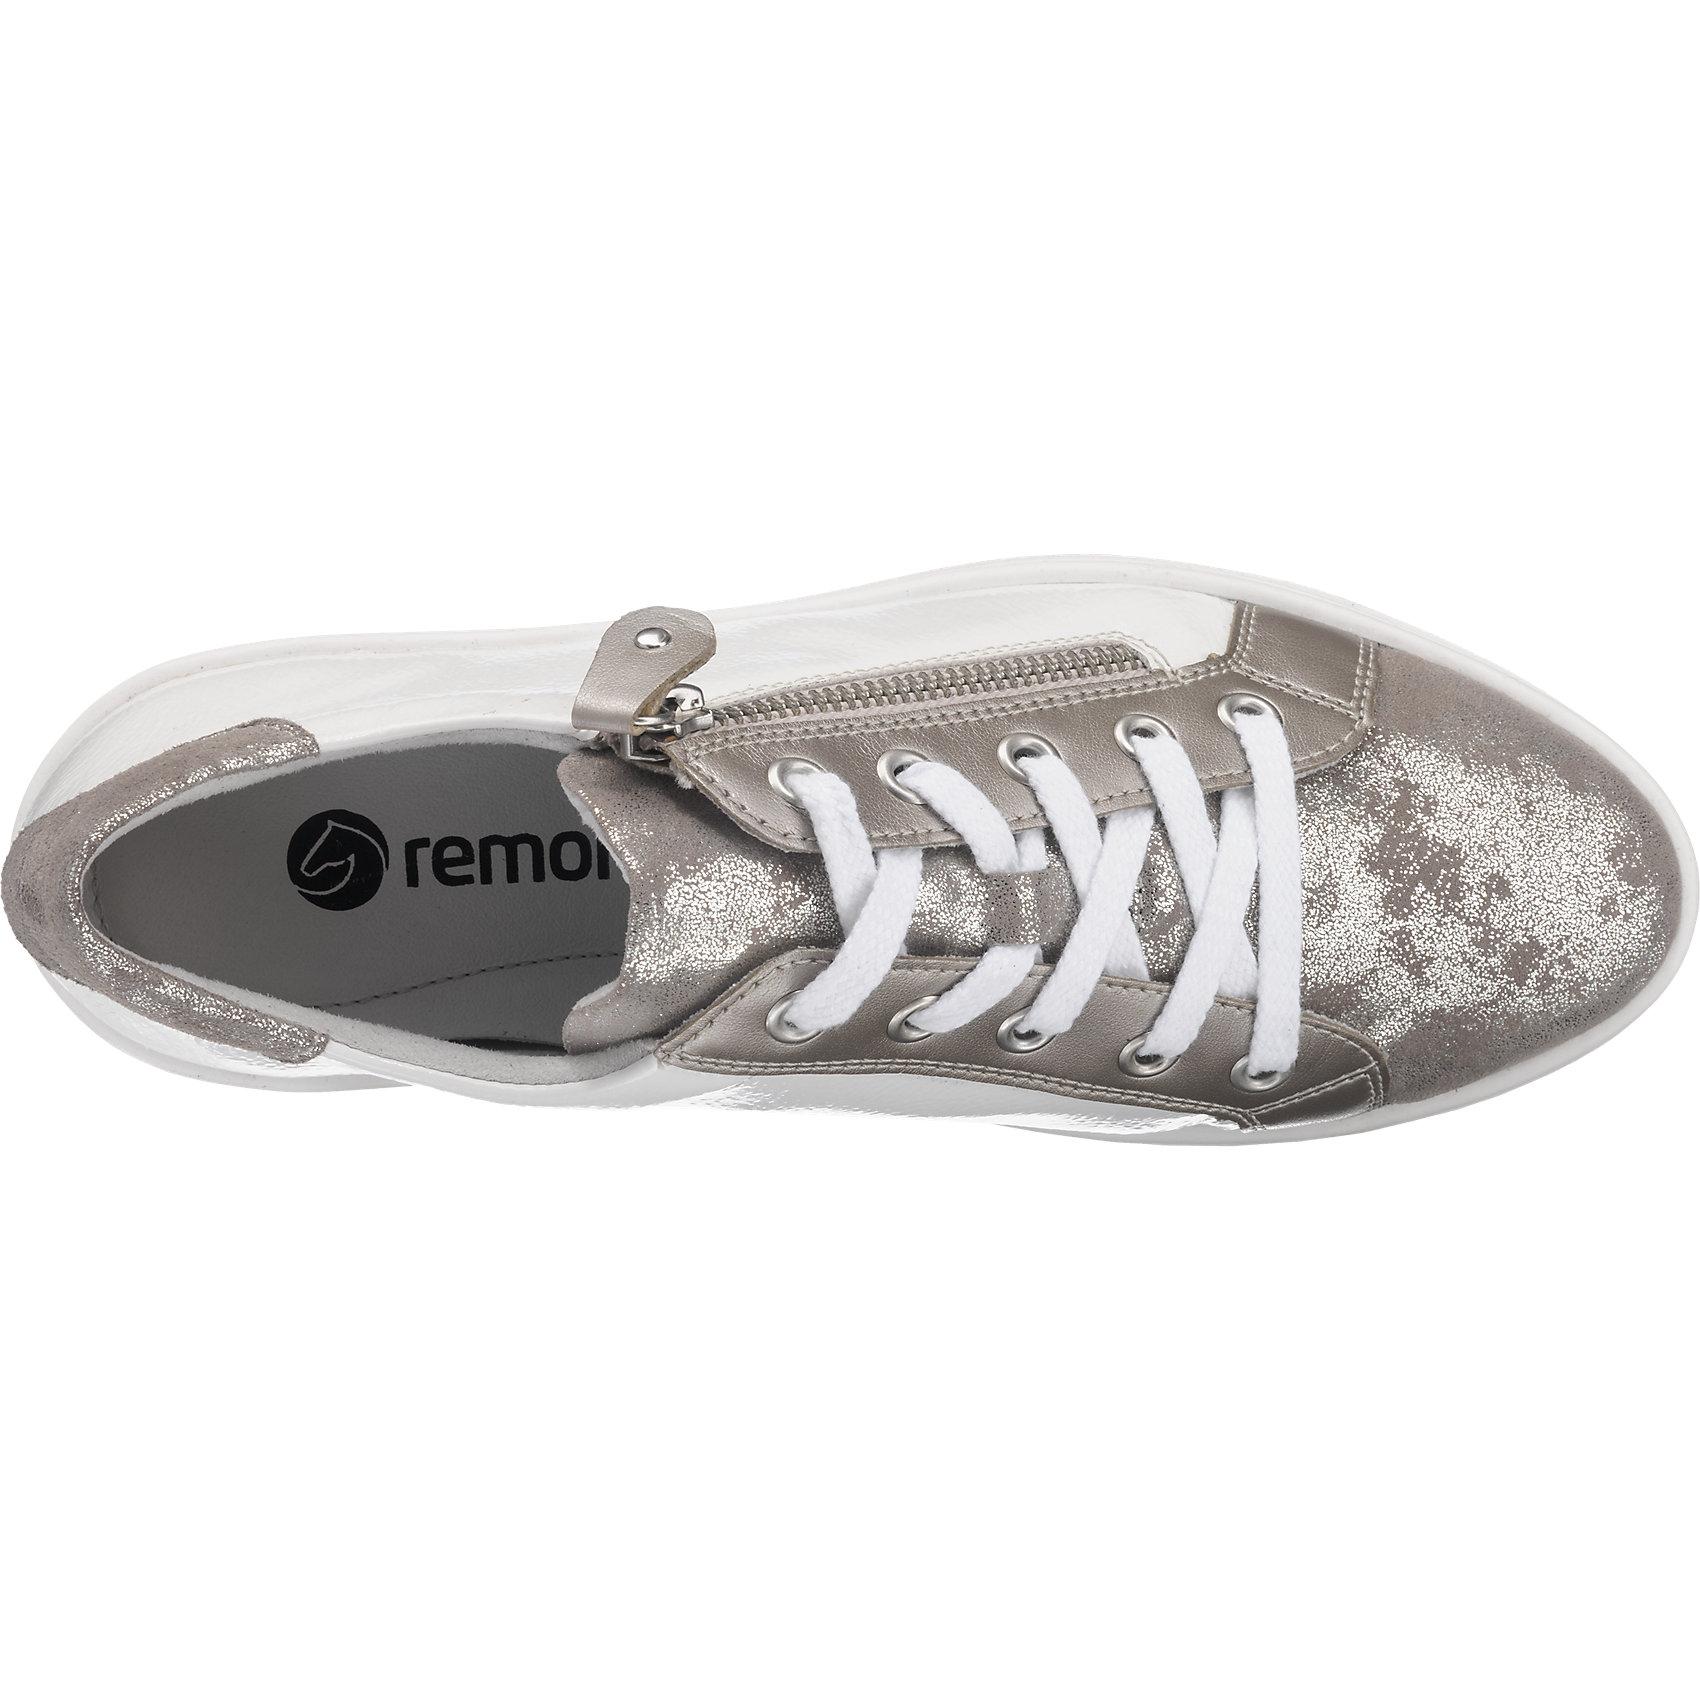 Neu remonte Sneakers weiß-kombi 5769600